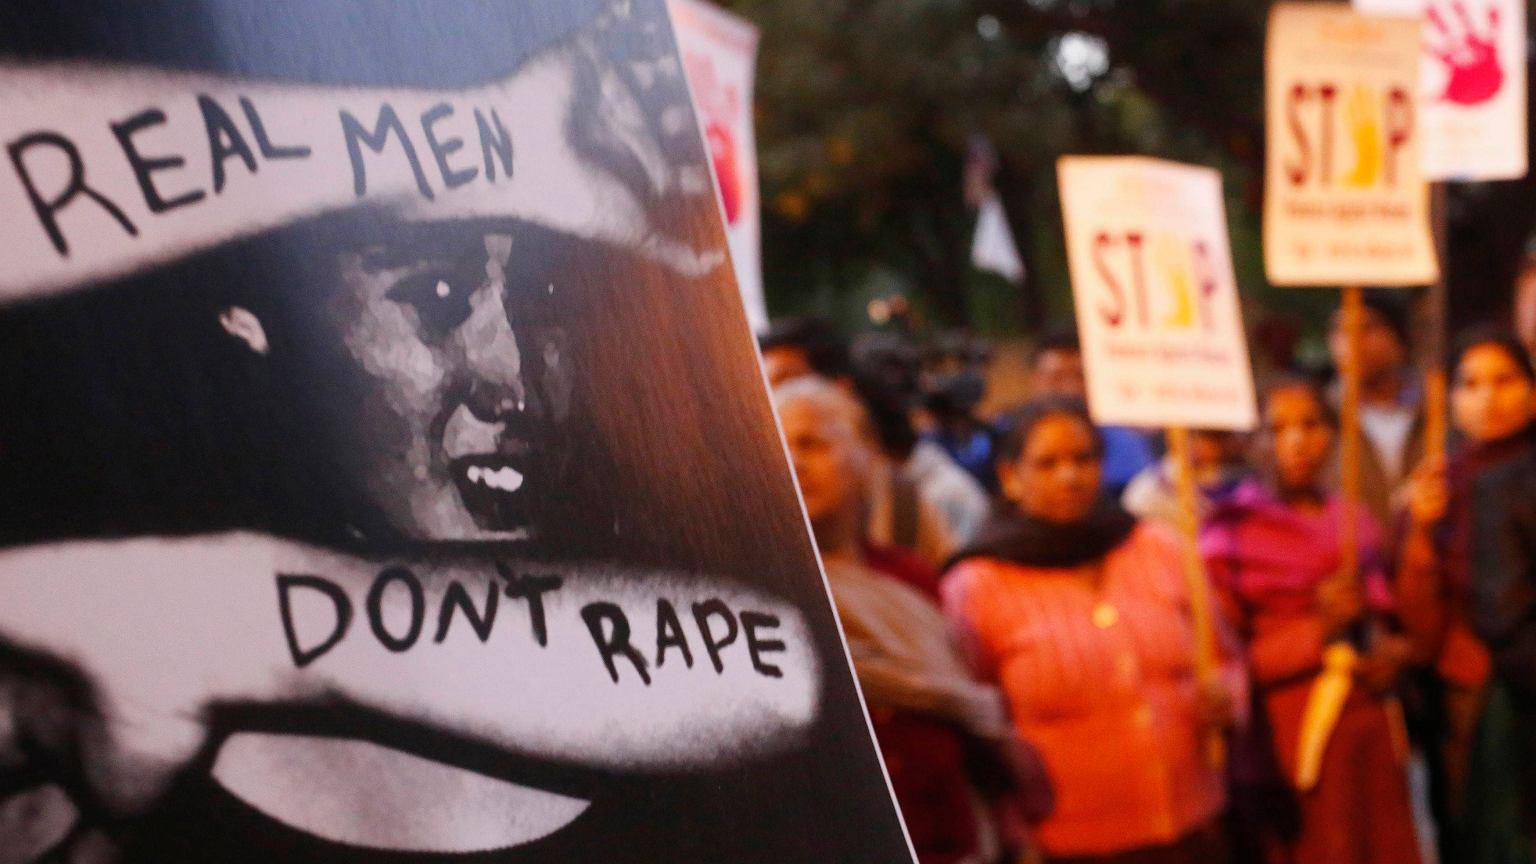 Indie: Gwa³t zbiorowy i morderstwo dwóch nastolatek. Policja zignorowa³a zg³oszenie o zaginiêciu